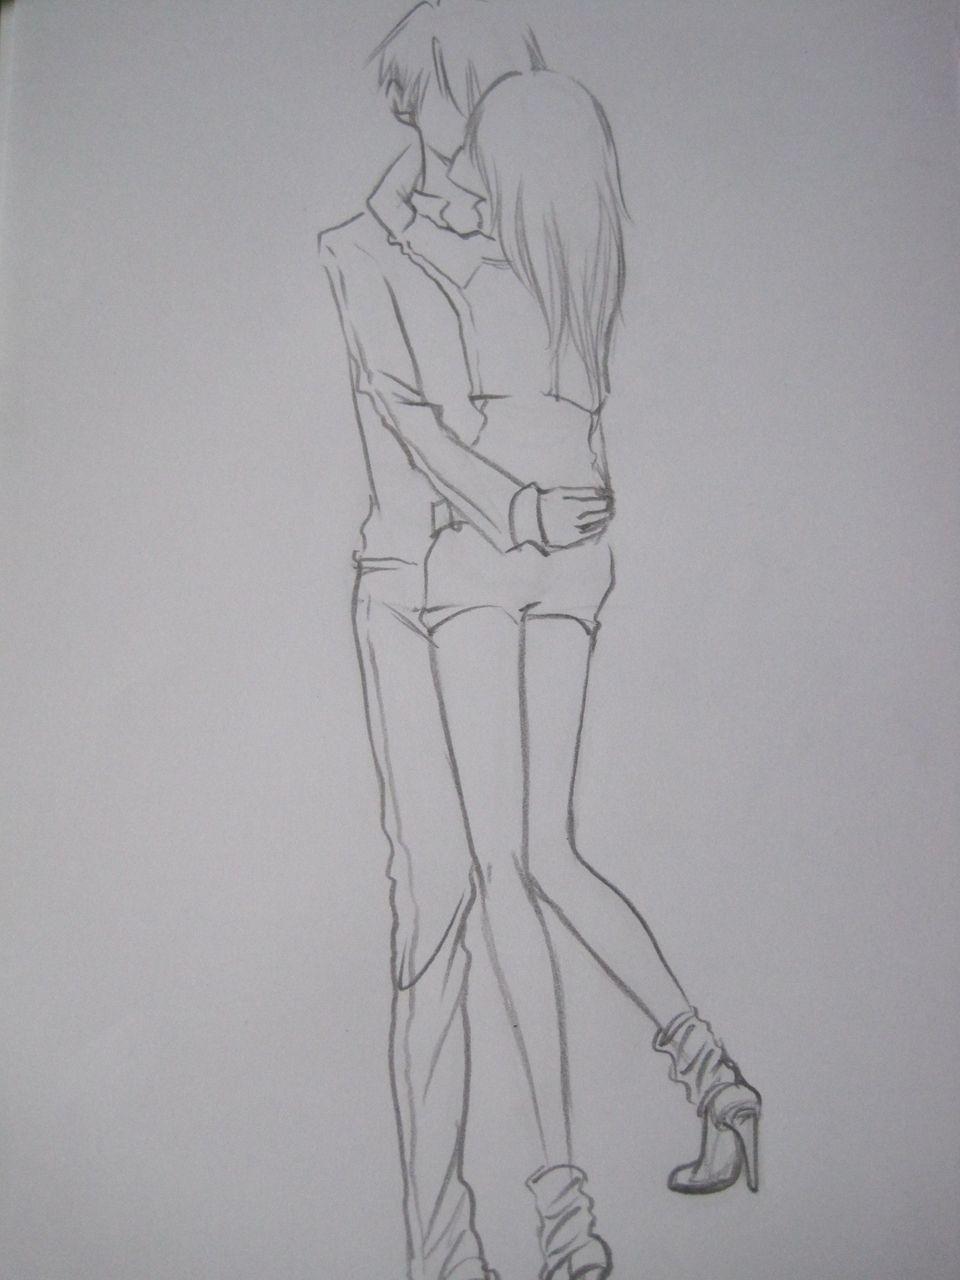 杨过小说_求手绘大神给长漫画男女拥抱的图片_百度知道